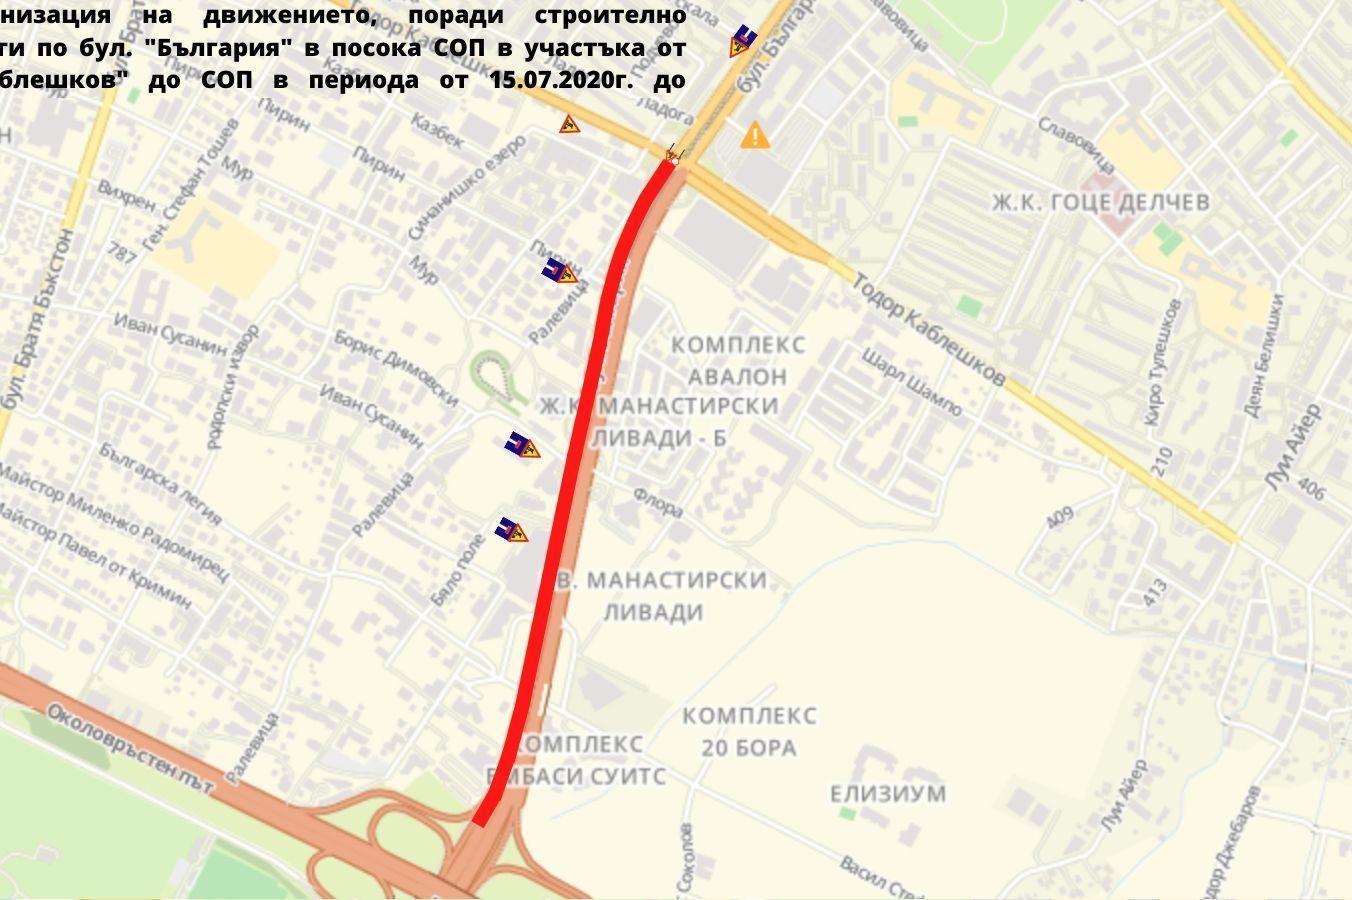 """Пускат движението по """"България"""" от Околовръстното до Боянска река, затварят"""